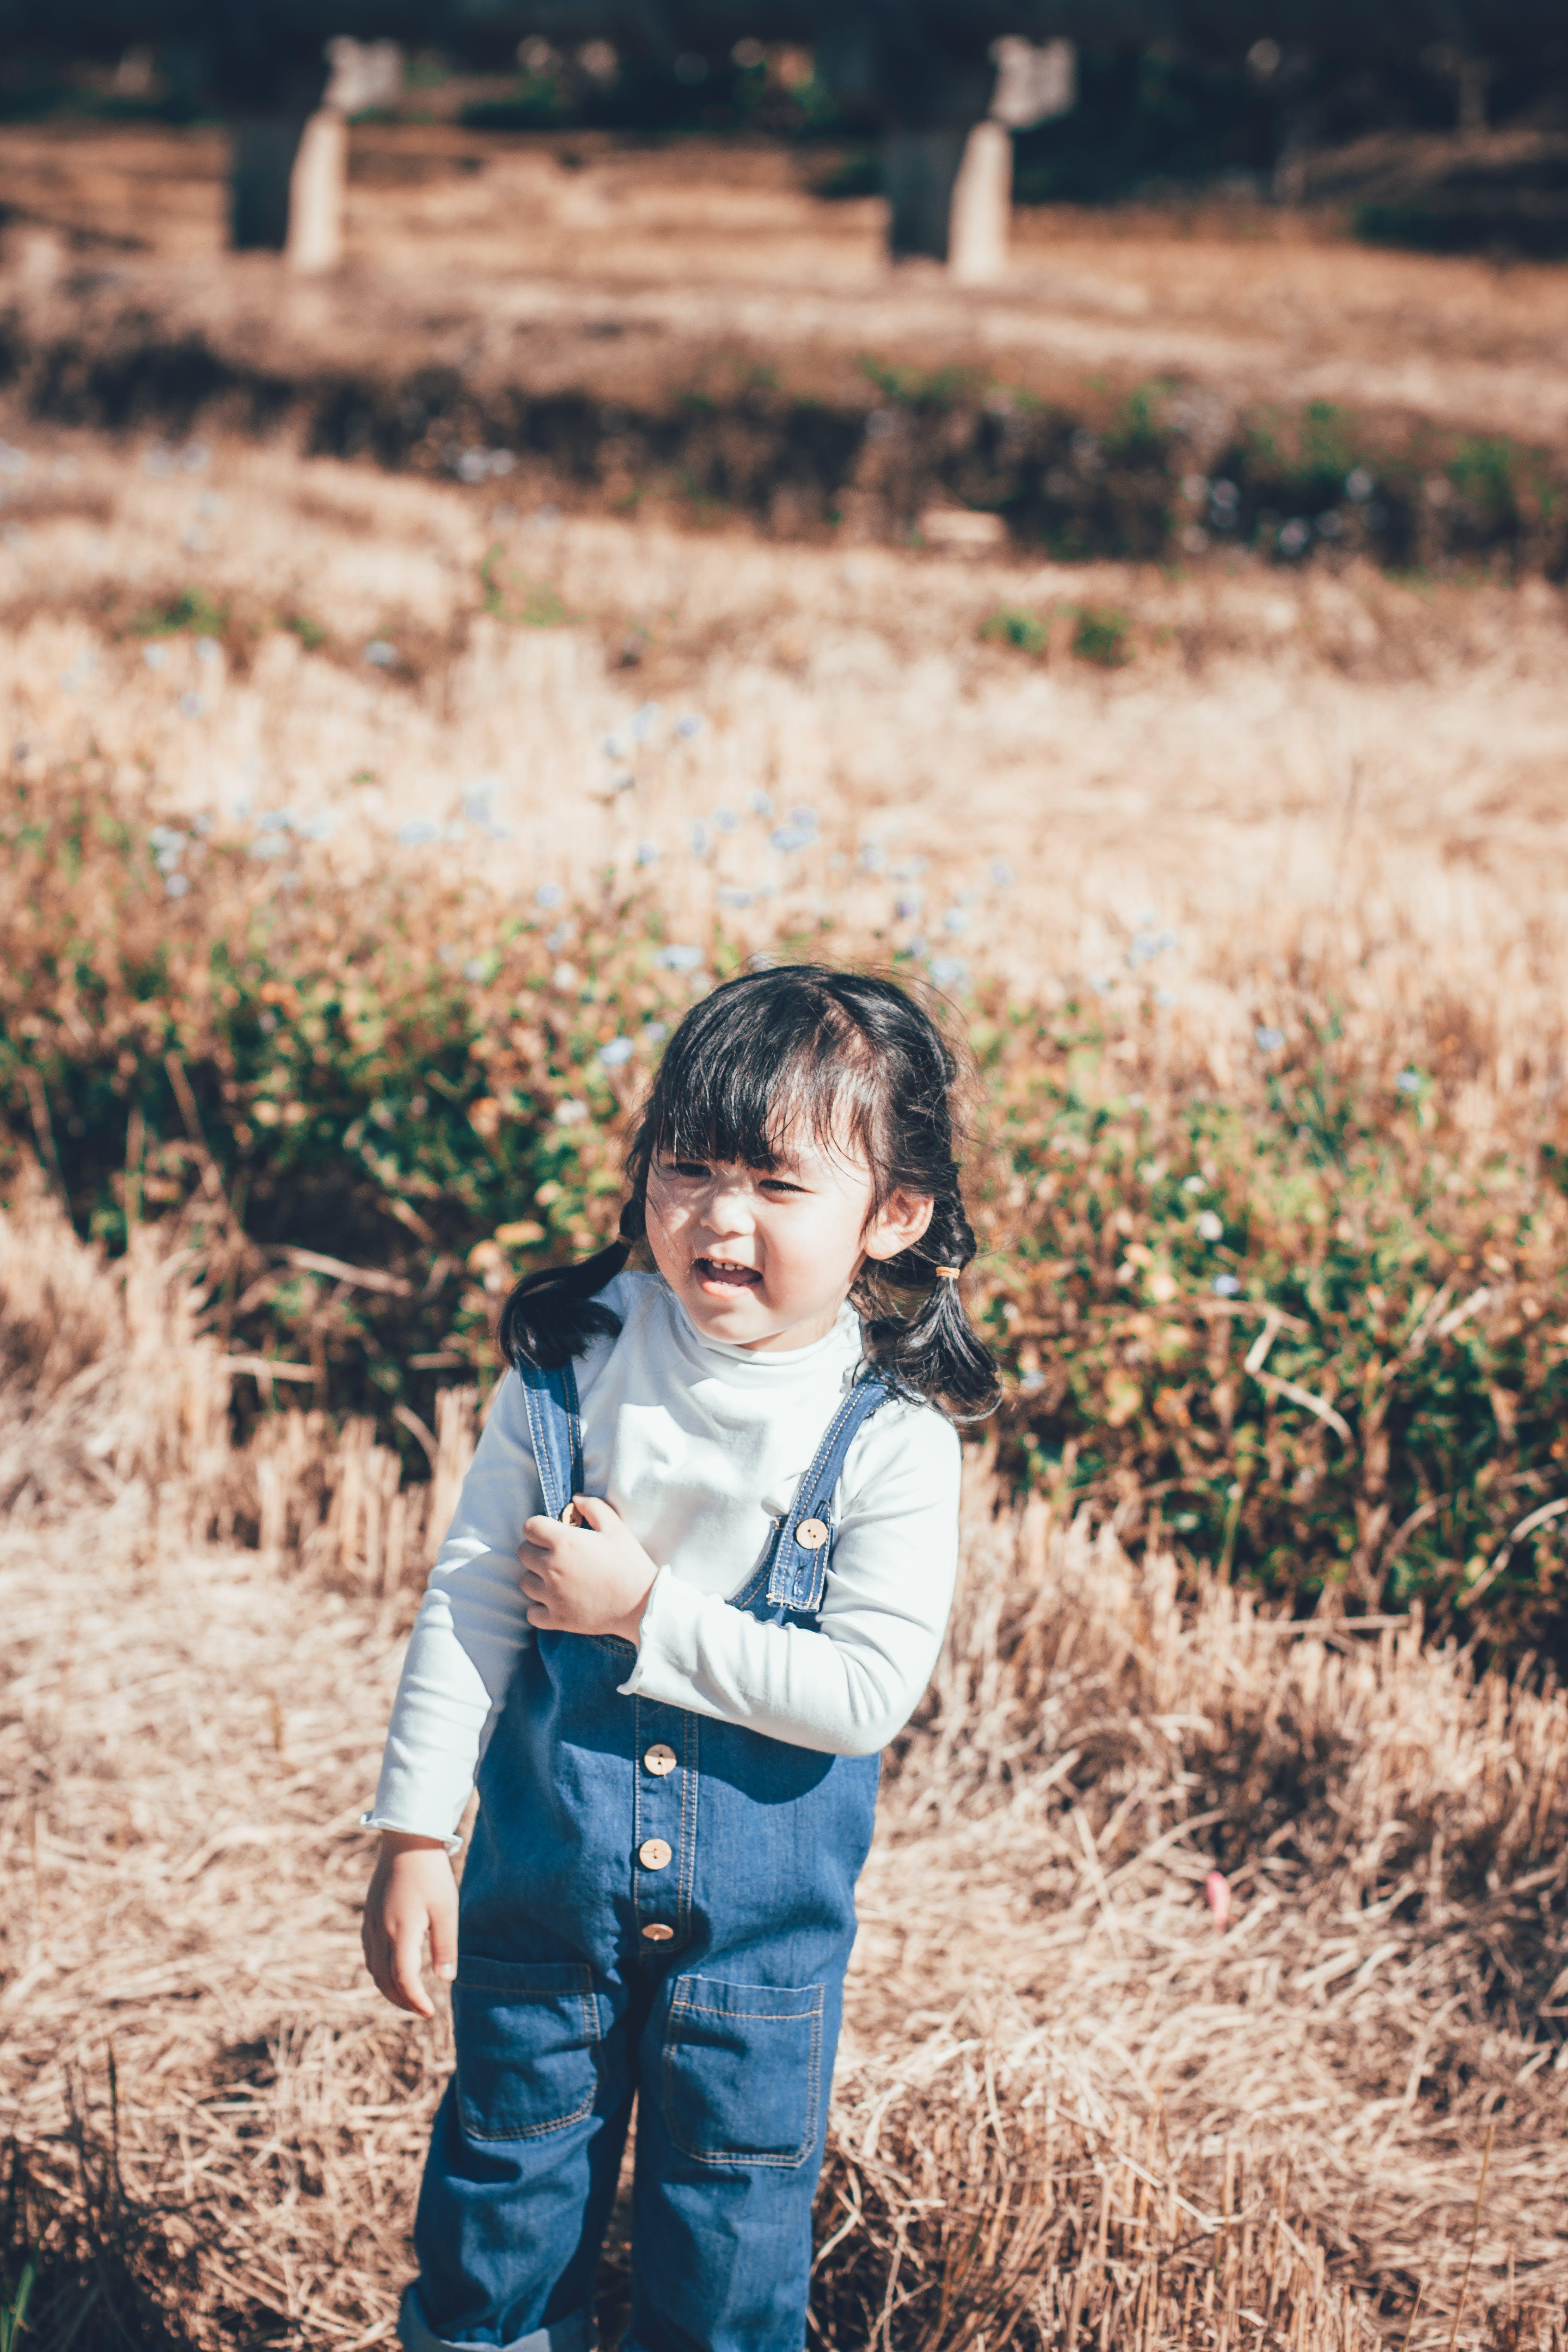 Girl Standing on Grass Field